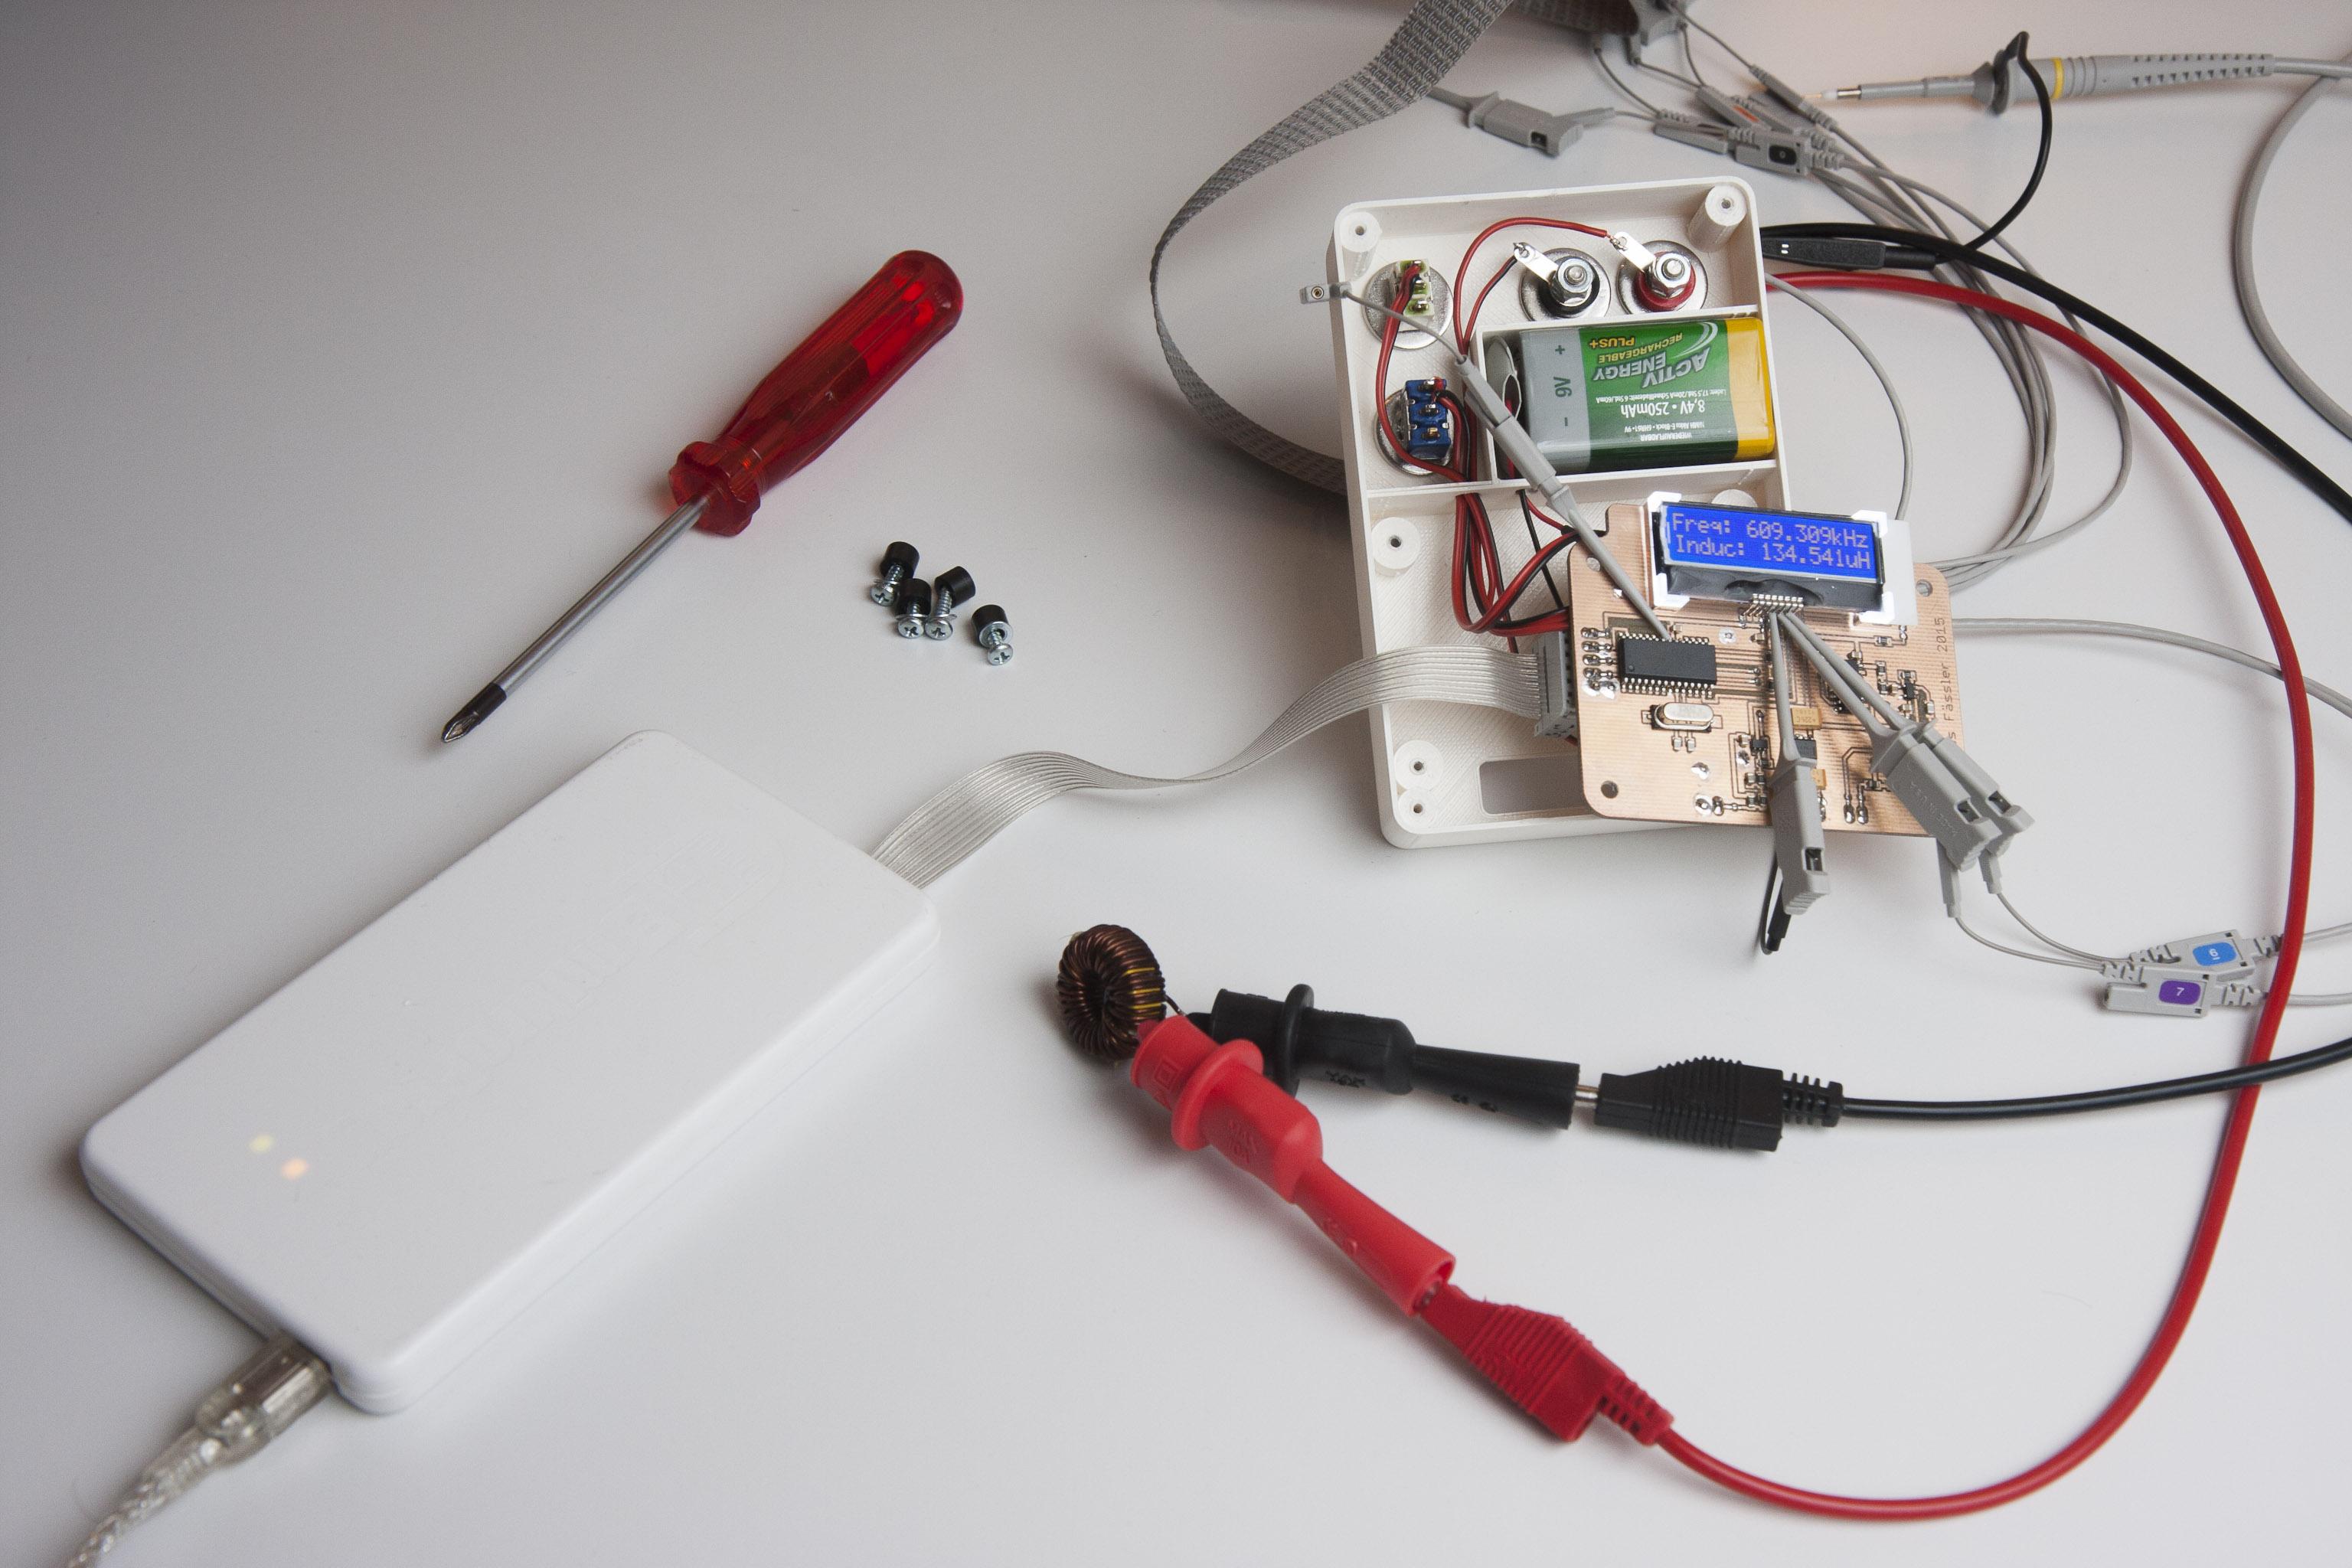 Inductor Coil Meter : Measuring coils soldernerd